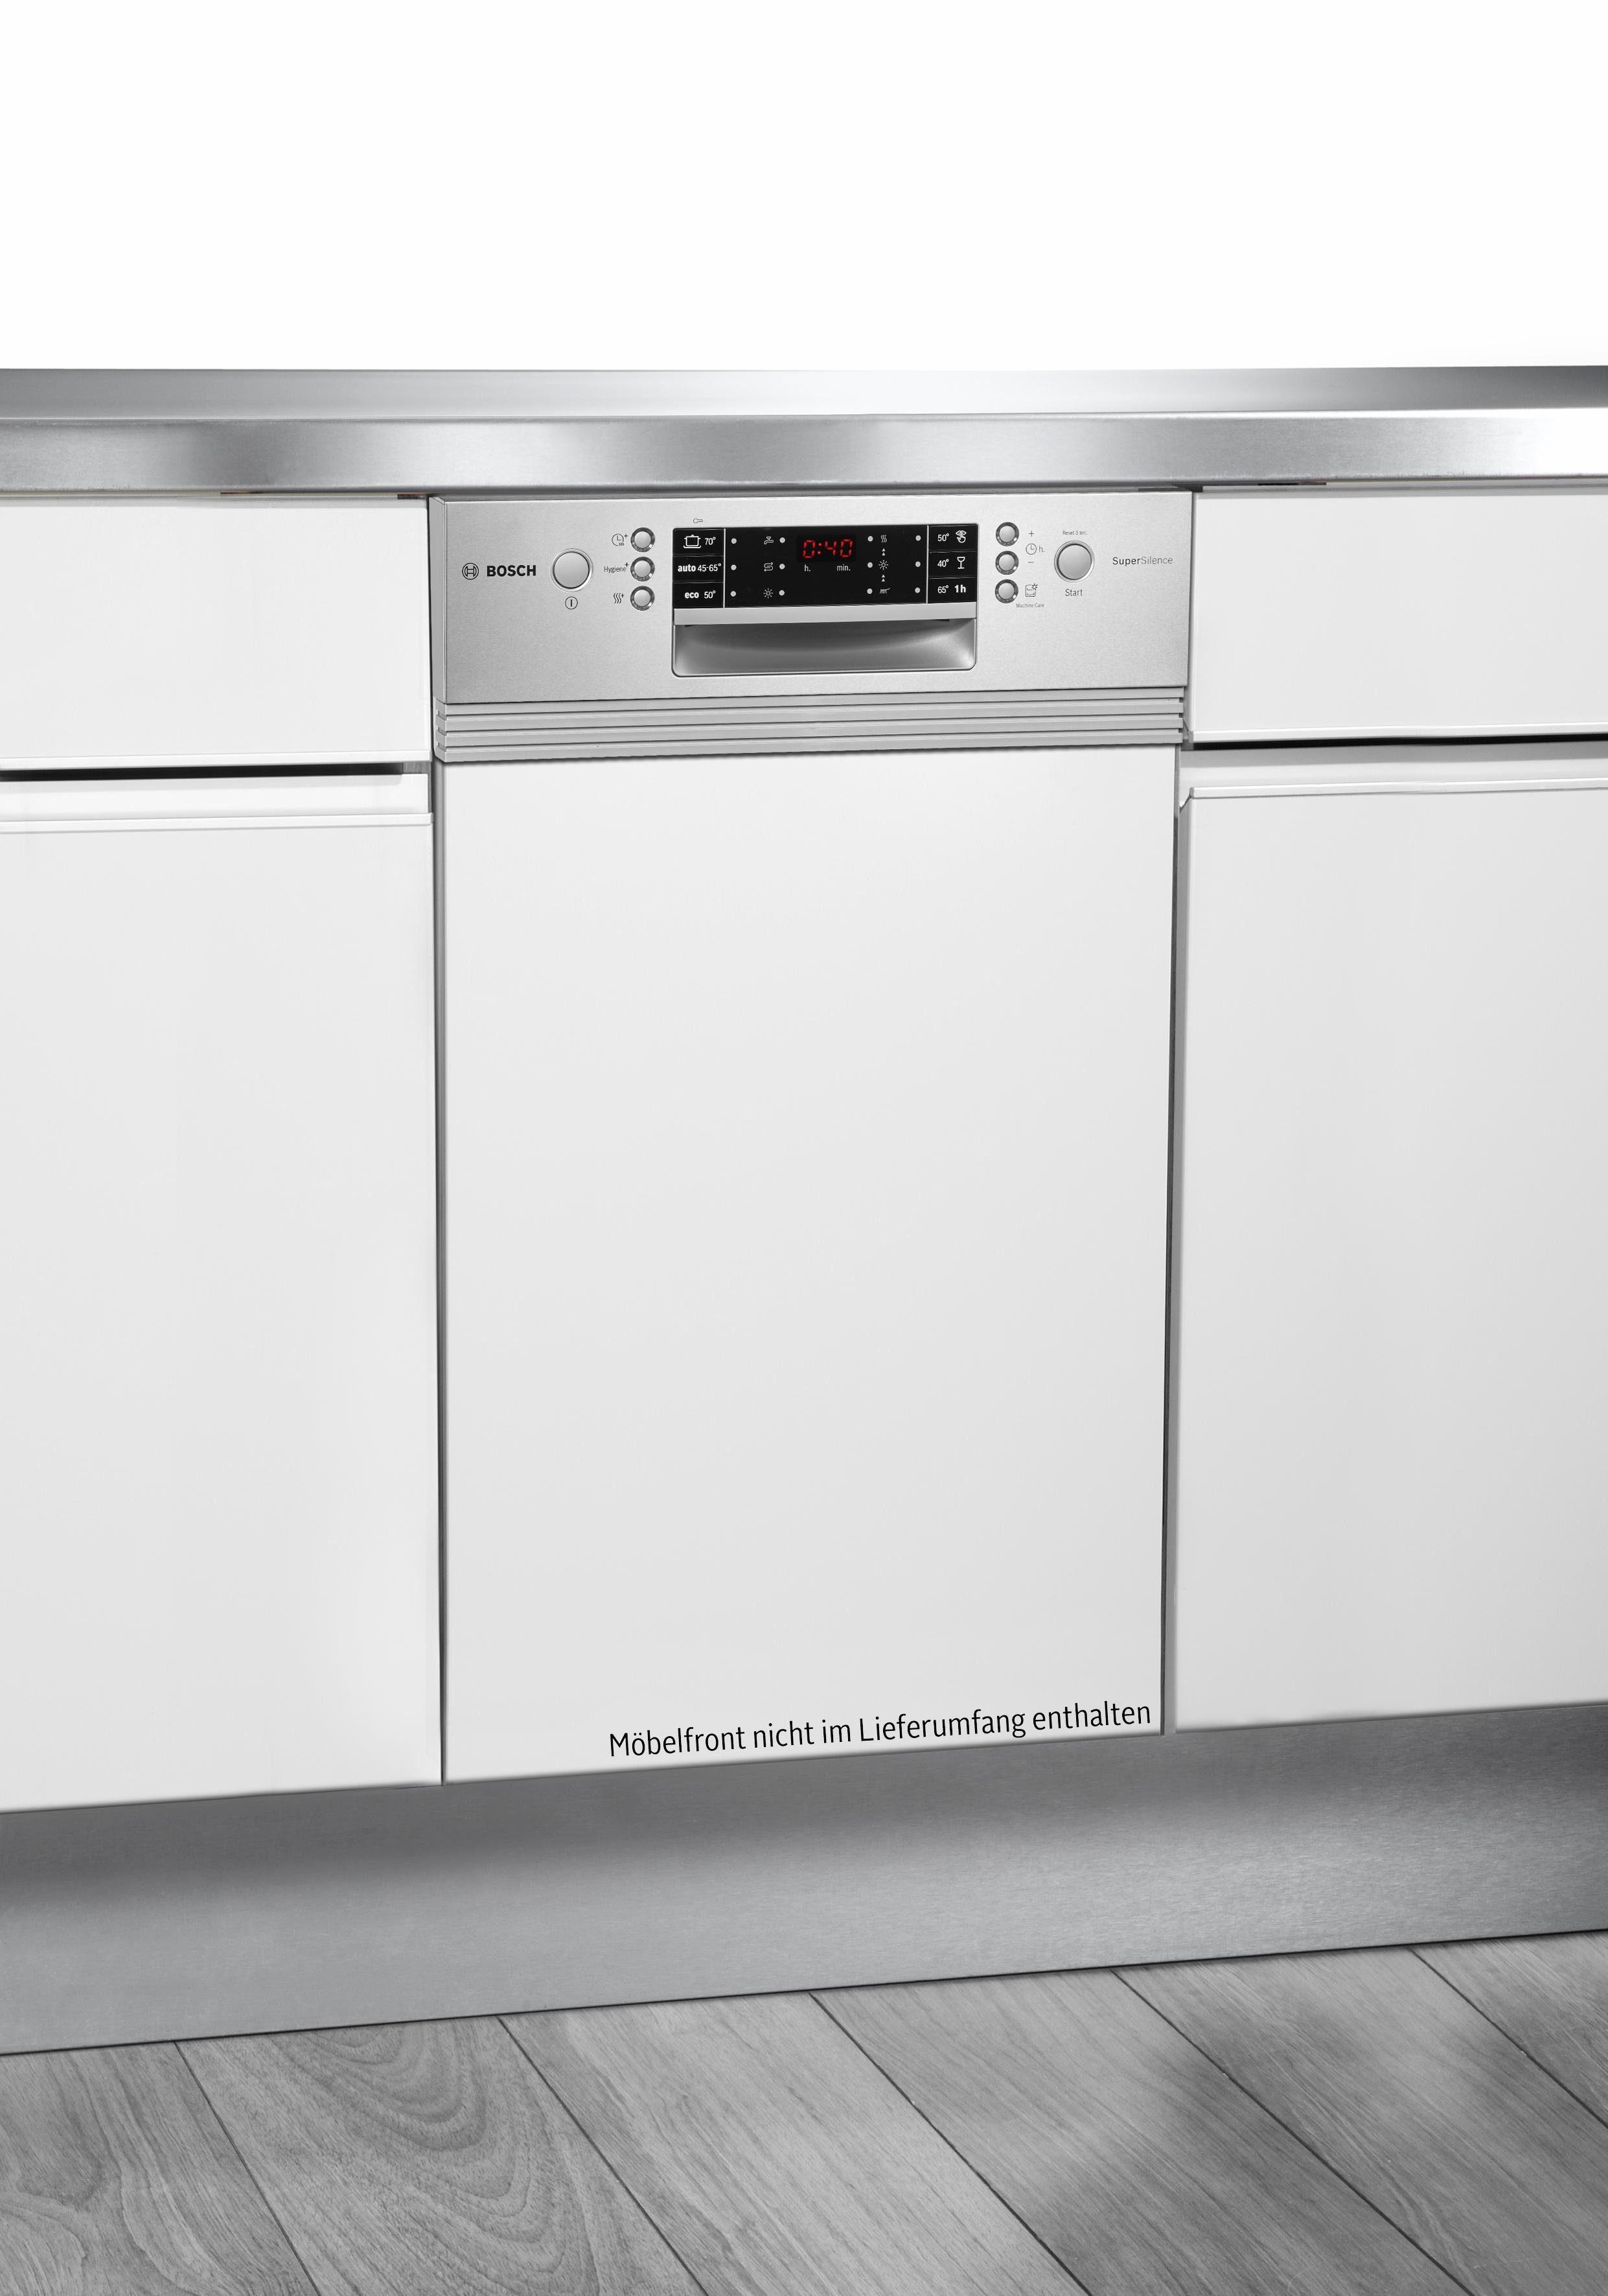 BOSCH teilintegrierbarer Geschirrspüler, SPI66PS00E, 0,85 l, 9 Maßgedecke, Energieeffizienzklasse A++